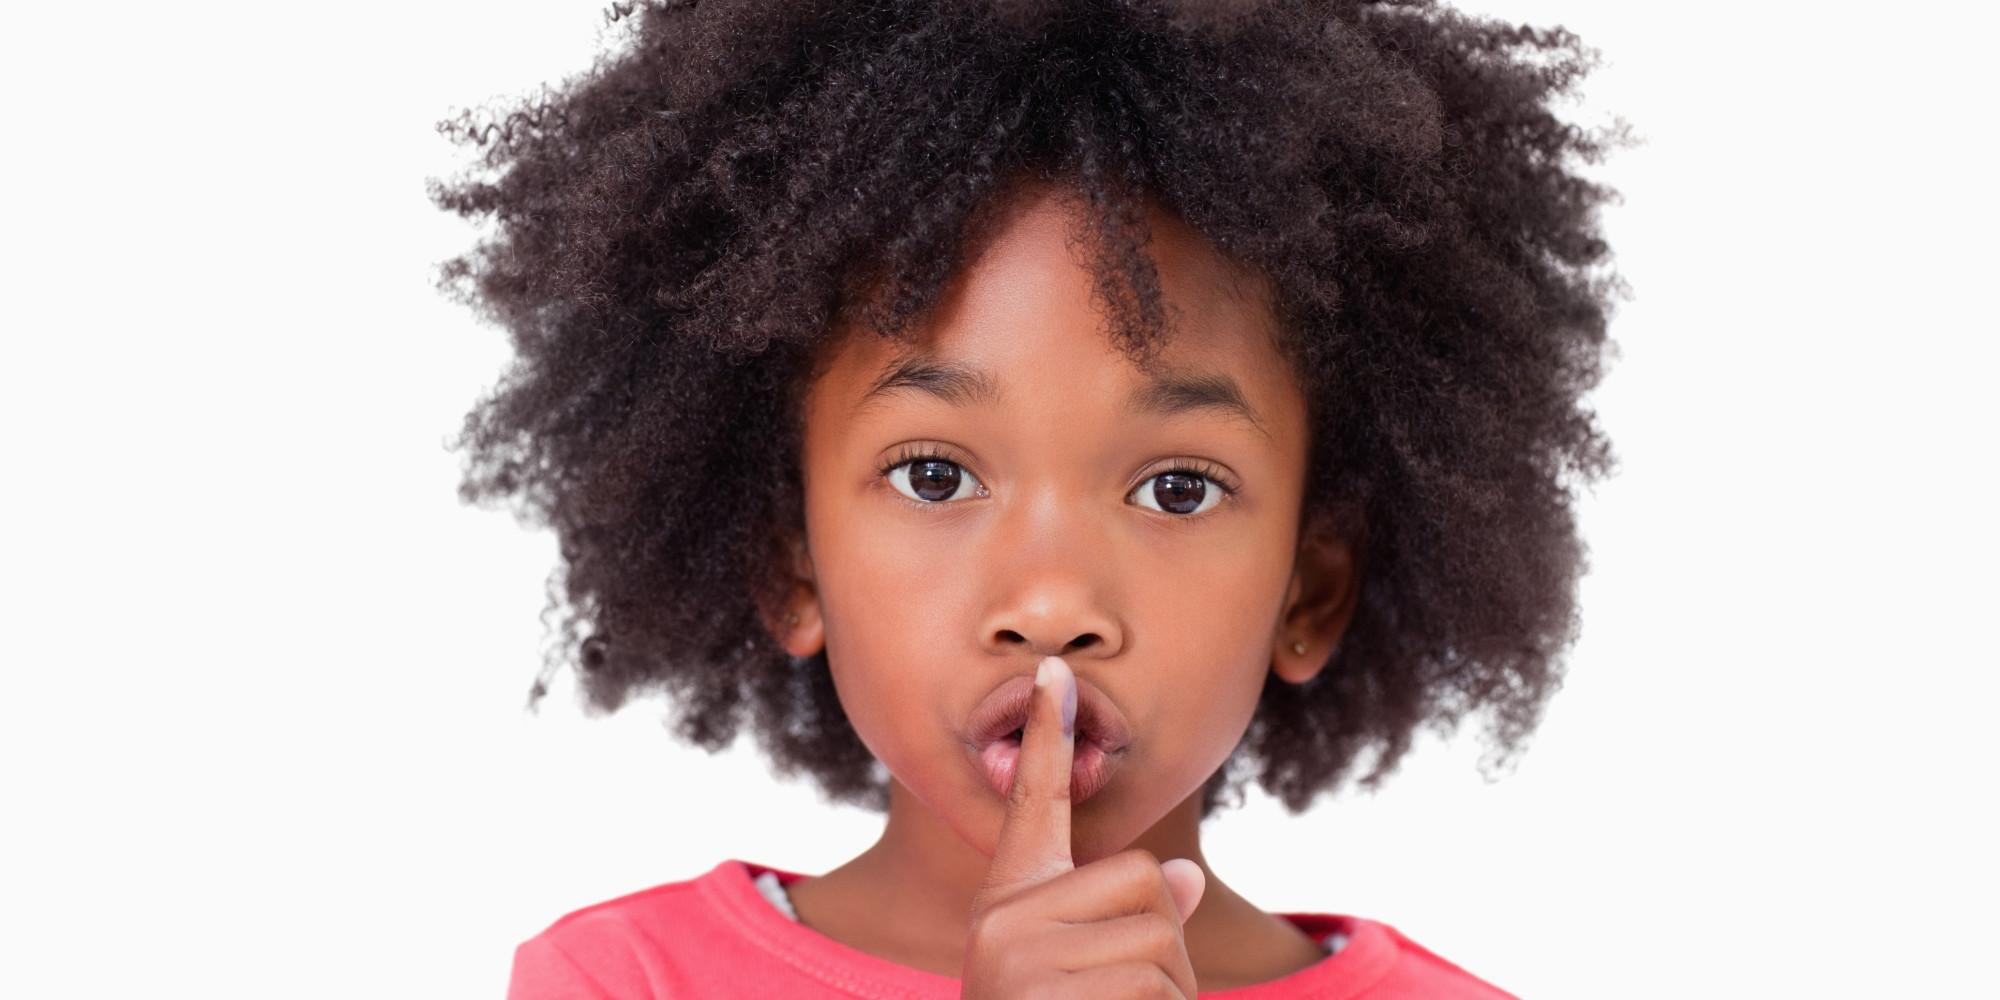 black-girl-shushing.jpg